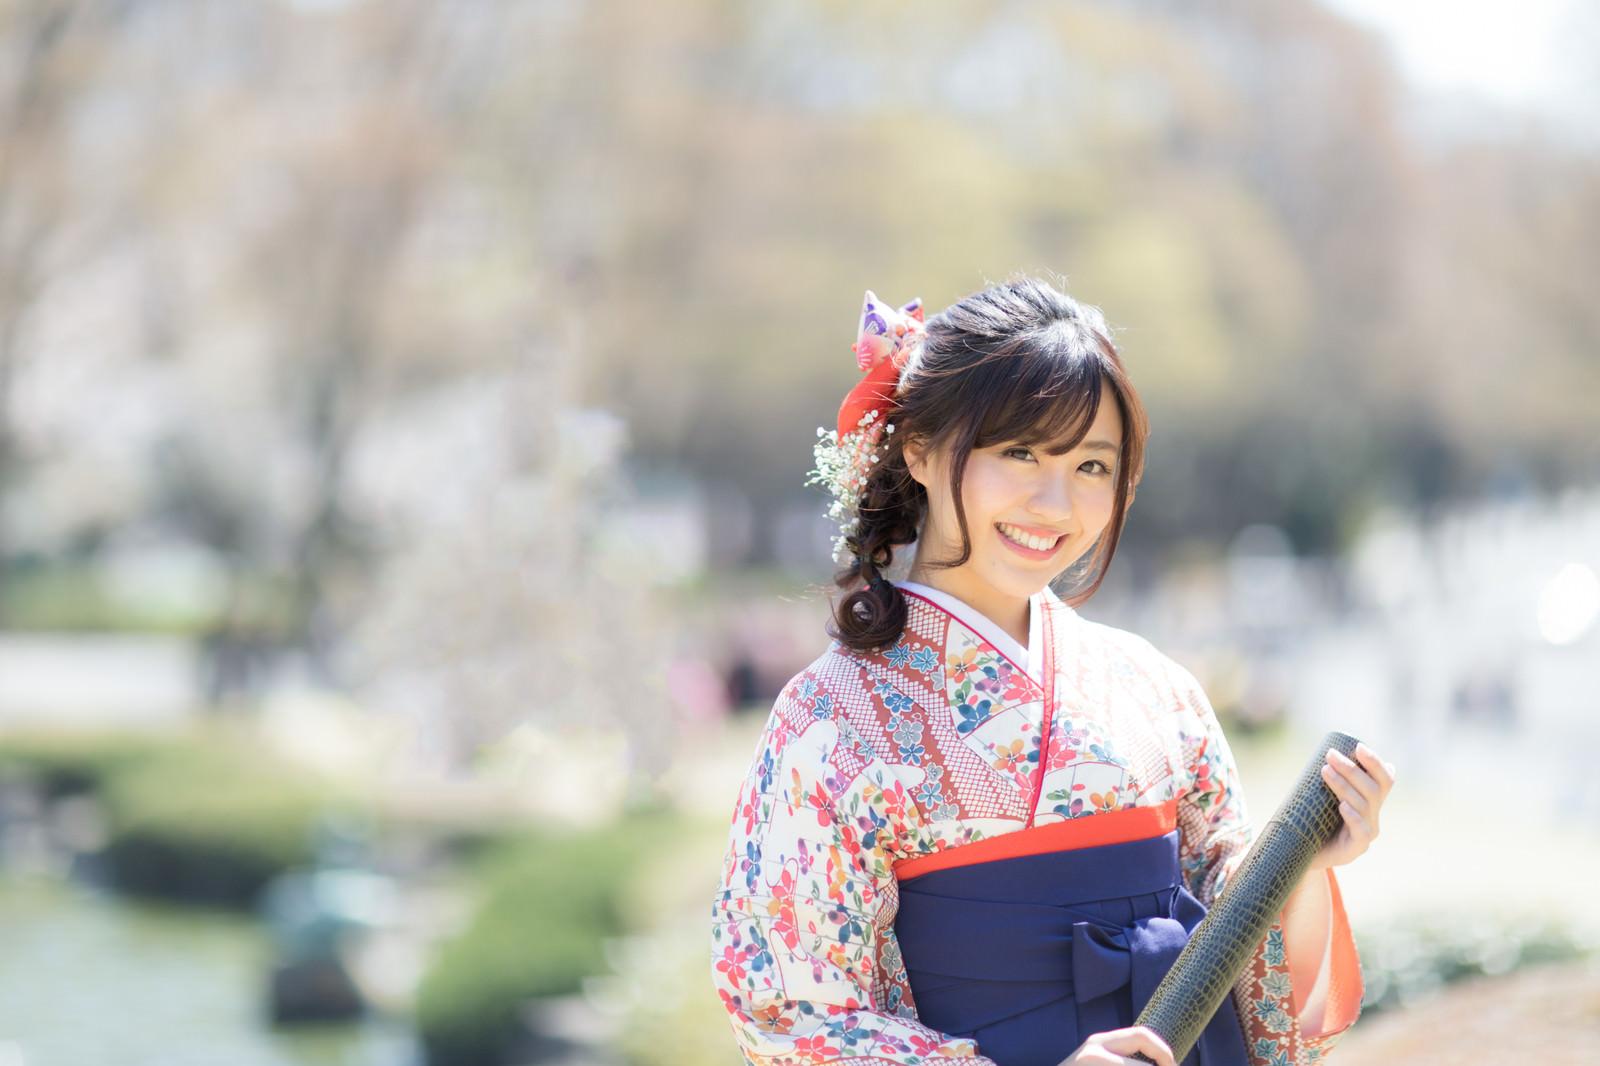 「賞状筒を持った袴女子」の写真[モデル:河村友歌]